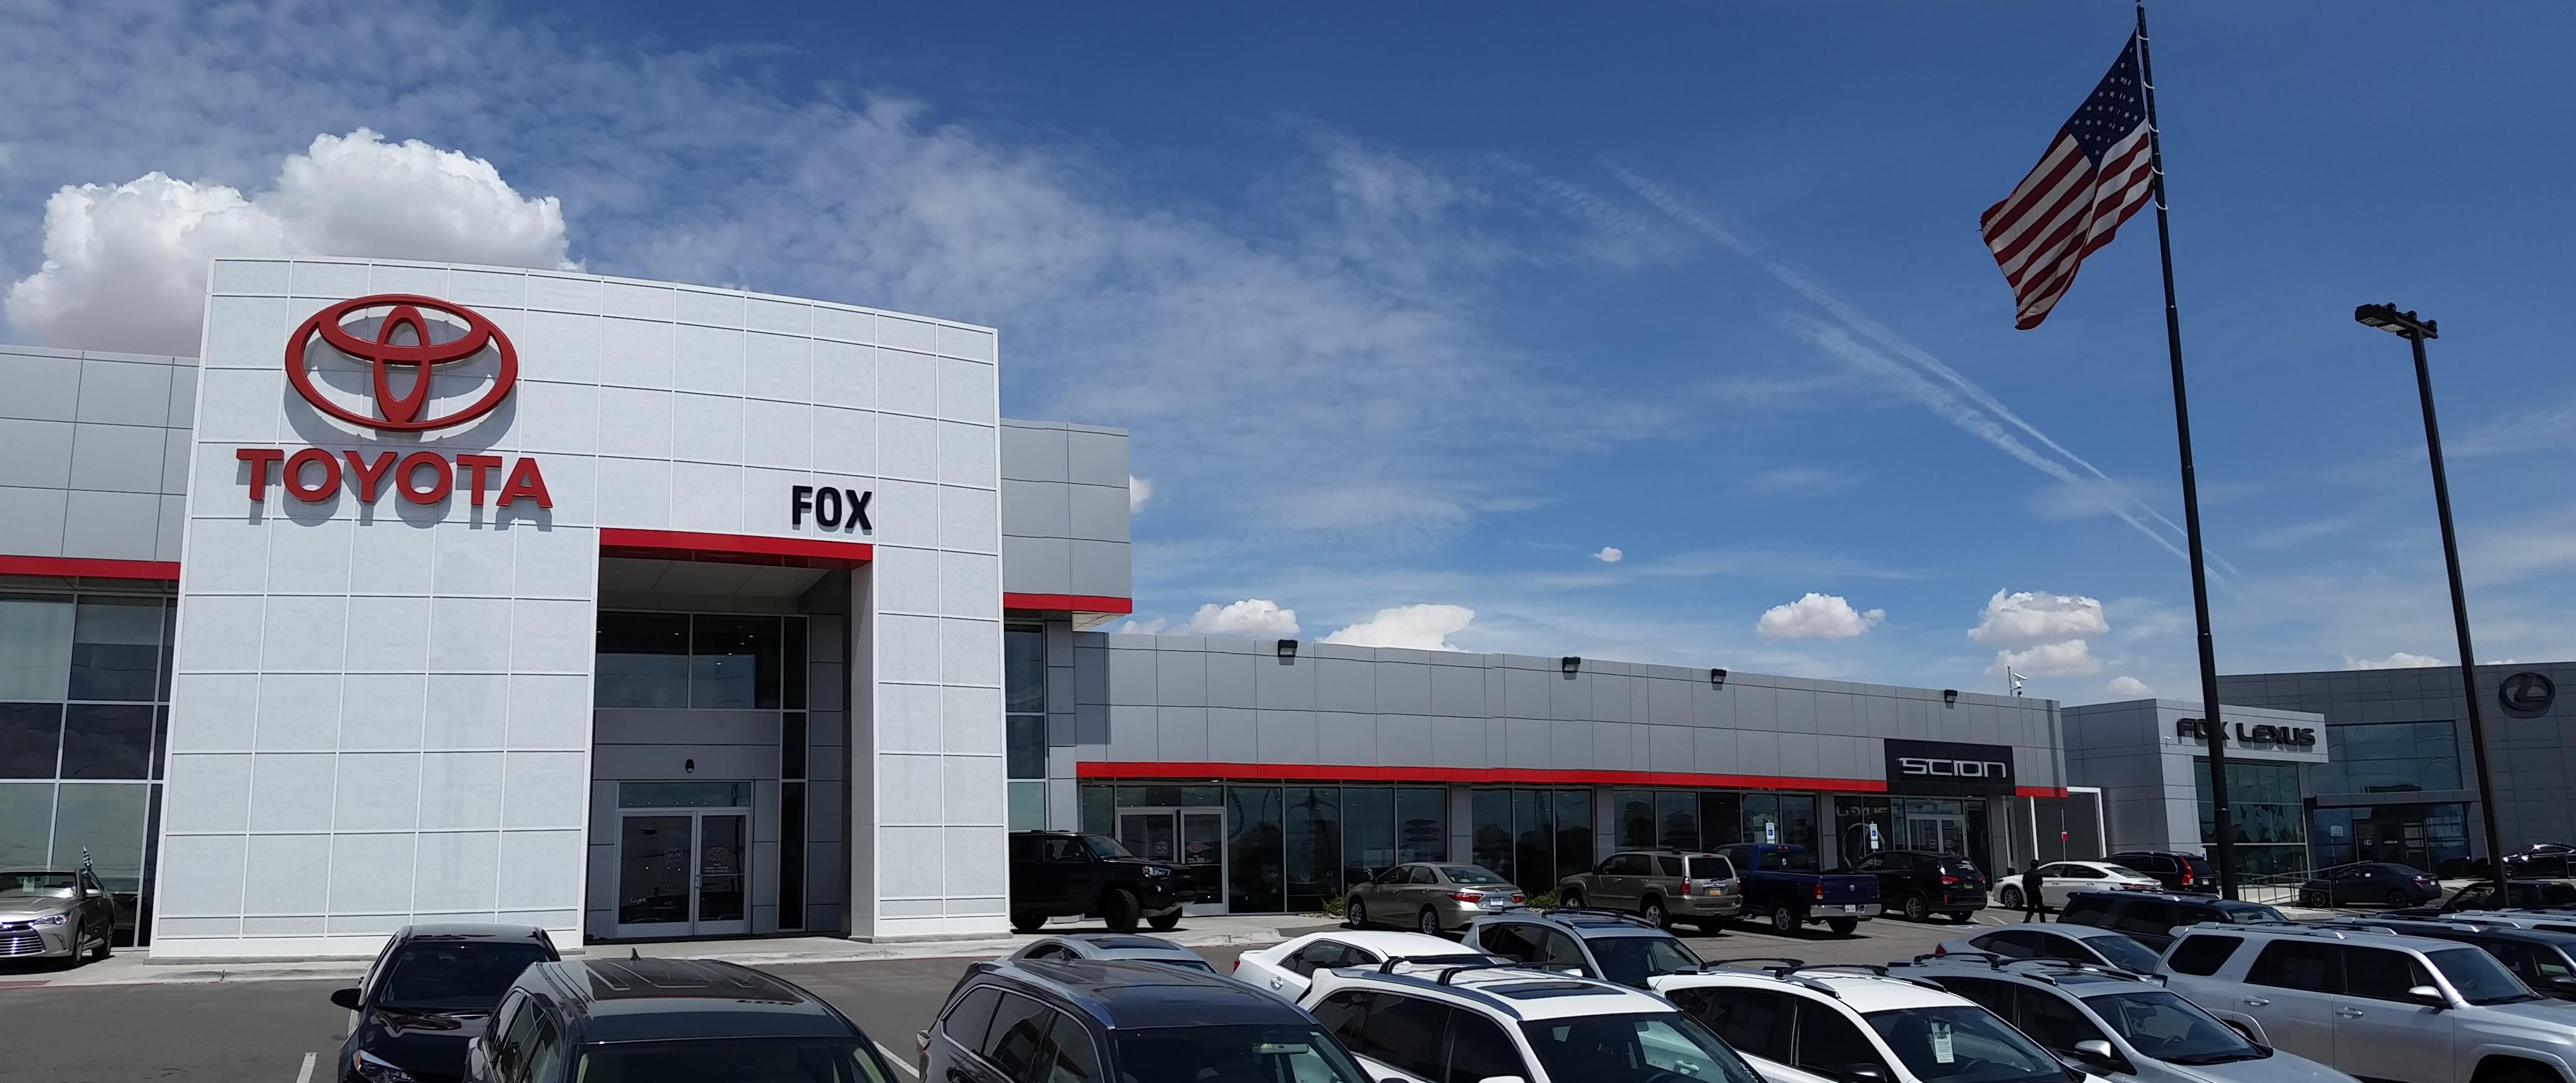 FOX Toyota of El Paso Gateway Blvd W El Paso TX YP